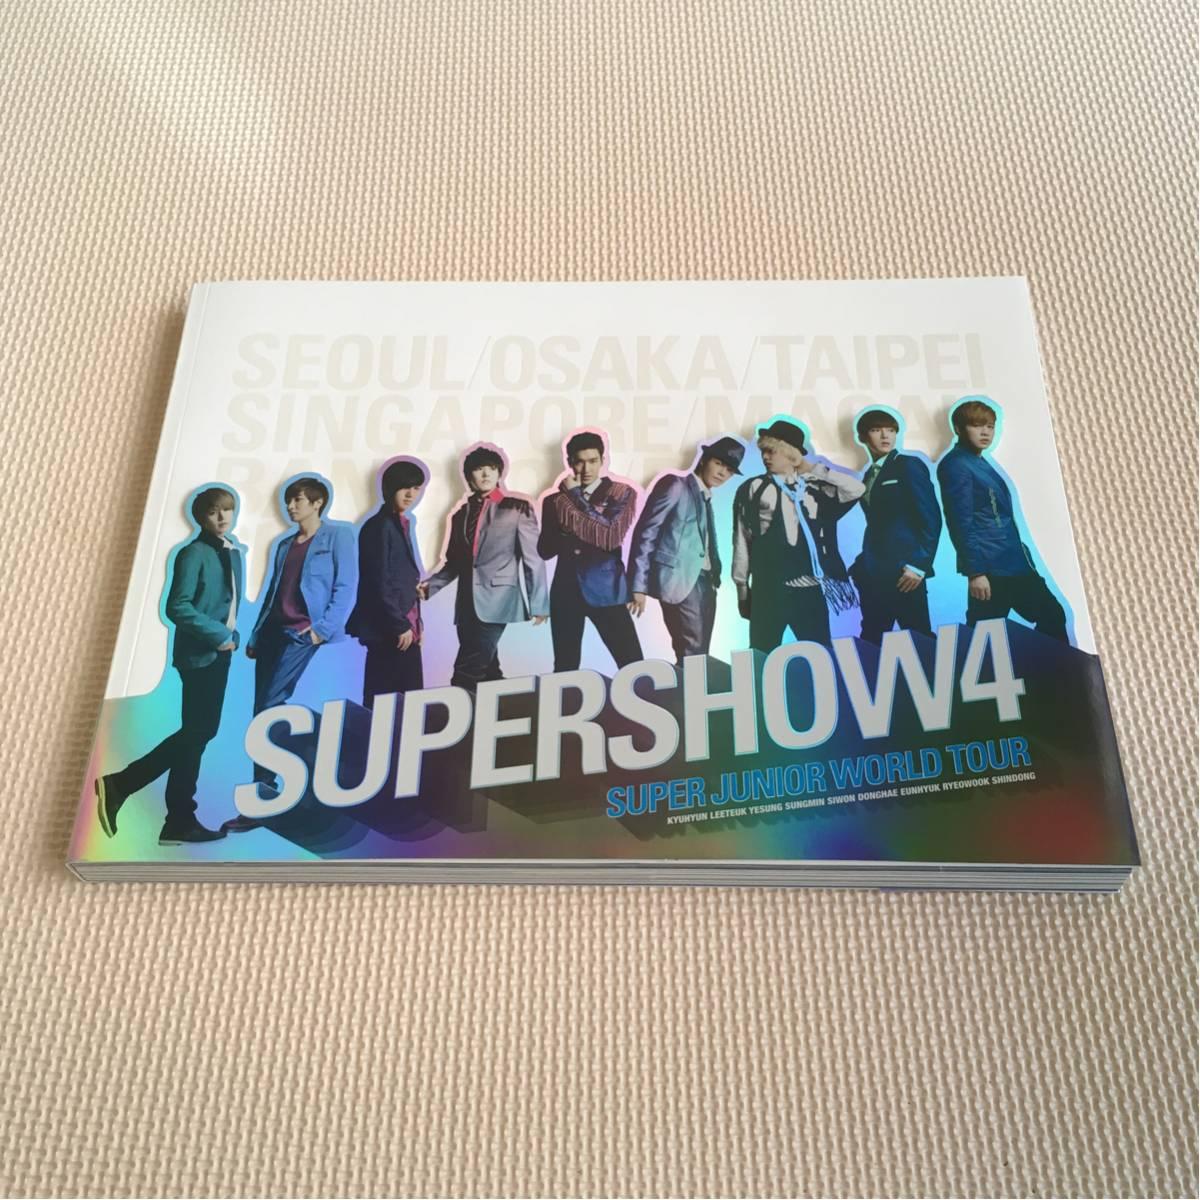 SUPER JUNIOR SUPER SHOW4 ライブ写真集 カード 箱付き スーパージュニア ライブグッズの画像